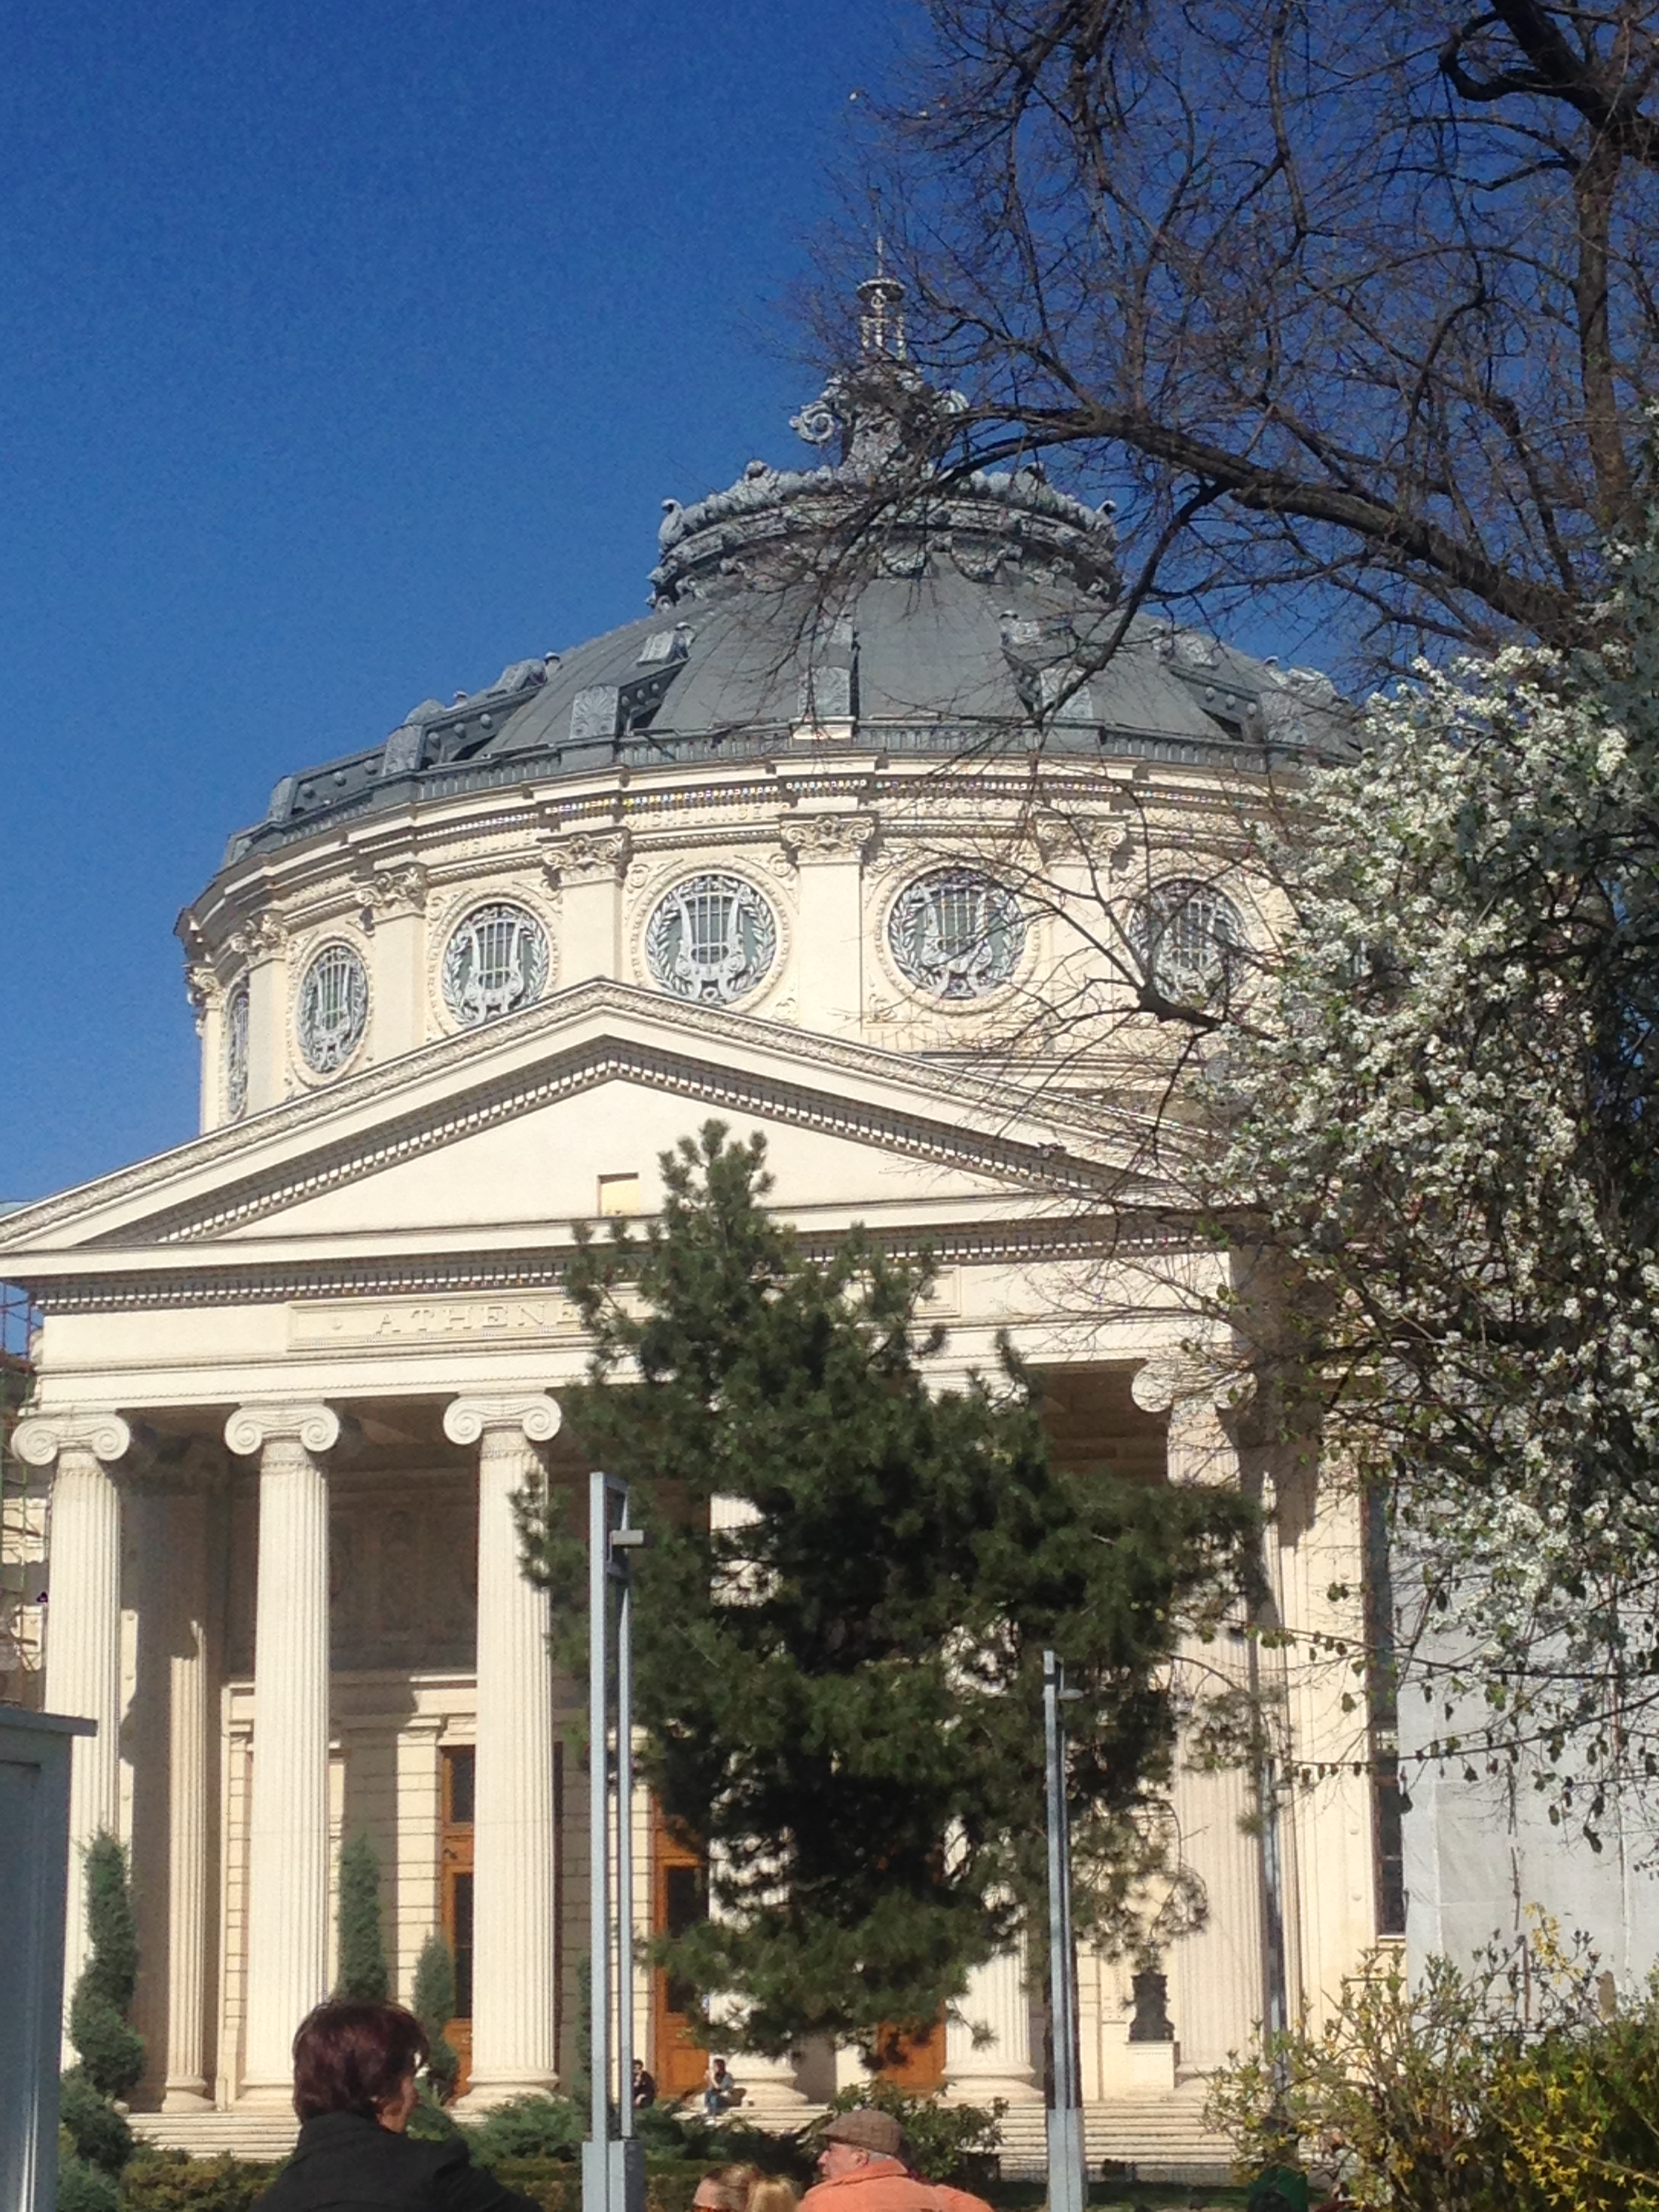 Particolare architettonico in stile neoclassico con frontone, colonne e capitelli ionici